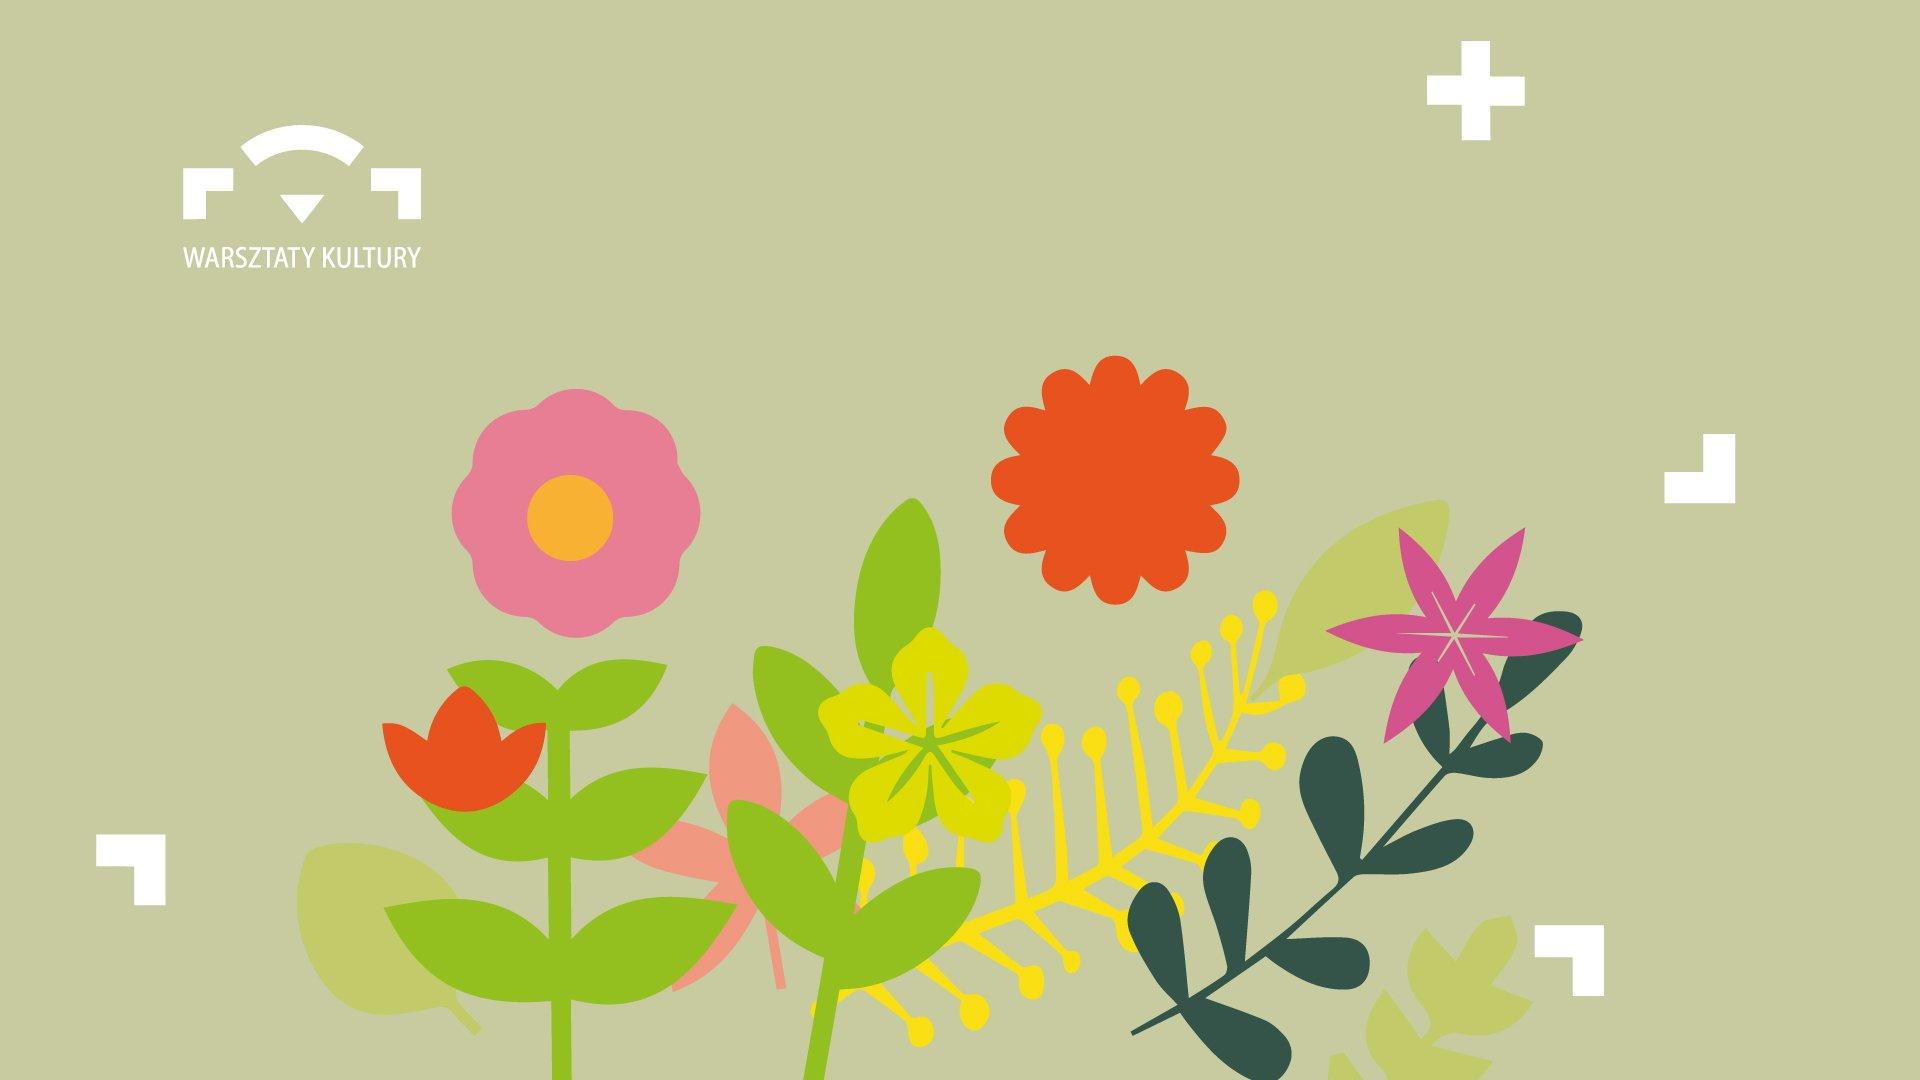 Ilustracja graficzna, orientacja pozioma. Przedstawia kolorowe, kwiatki z łodygami i liśćmi na szarym tle. Kształy kwiatów są geometryczne. Łodygi i liście mają rózne odcienie koloru zielonego, płatki kwiatktów są w kolorach: żólty, pomarańczowy, różowy. W lewym górnym rogu logotyp Warsztatów Kultury w kolorze białym.